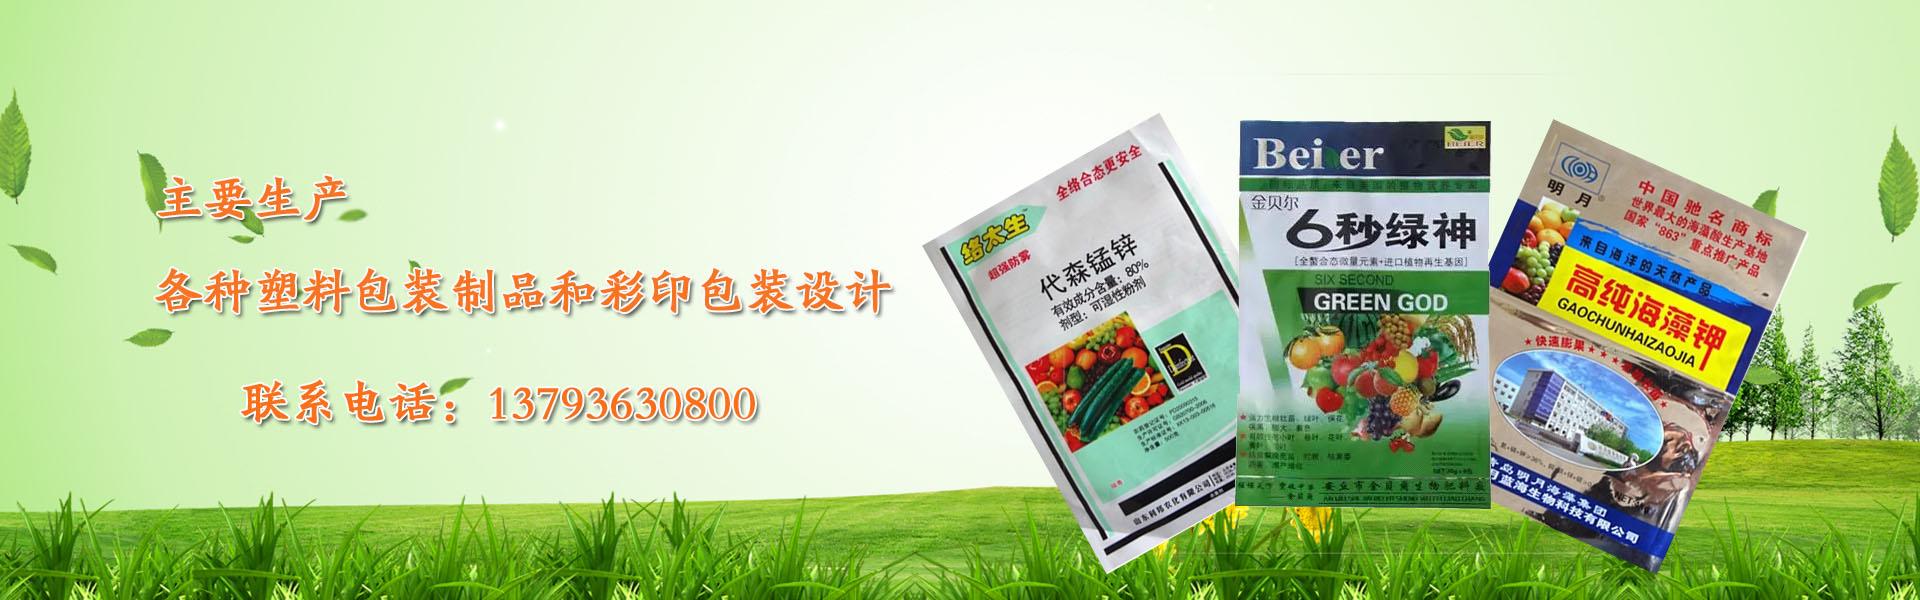 青州宏源包装彩印超碰公开视频